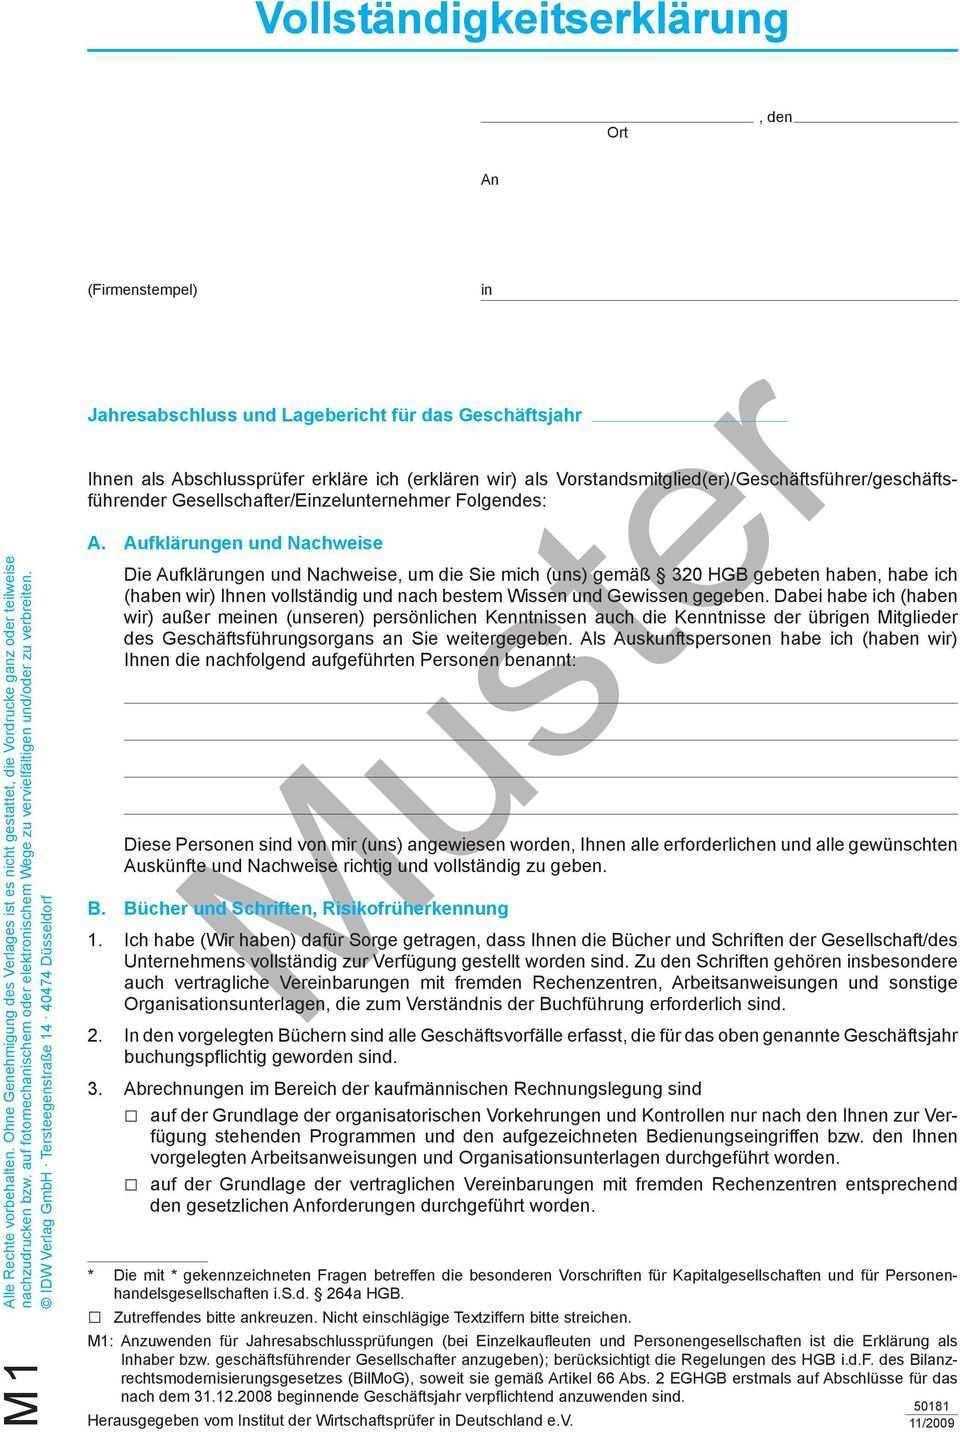 Vollstandigkeitserklarung Ort Muster Jahresabschluss Und Lagebericht Fur Das Geschaftsjahr Pdf Kostenfreier Download